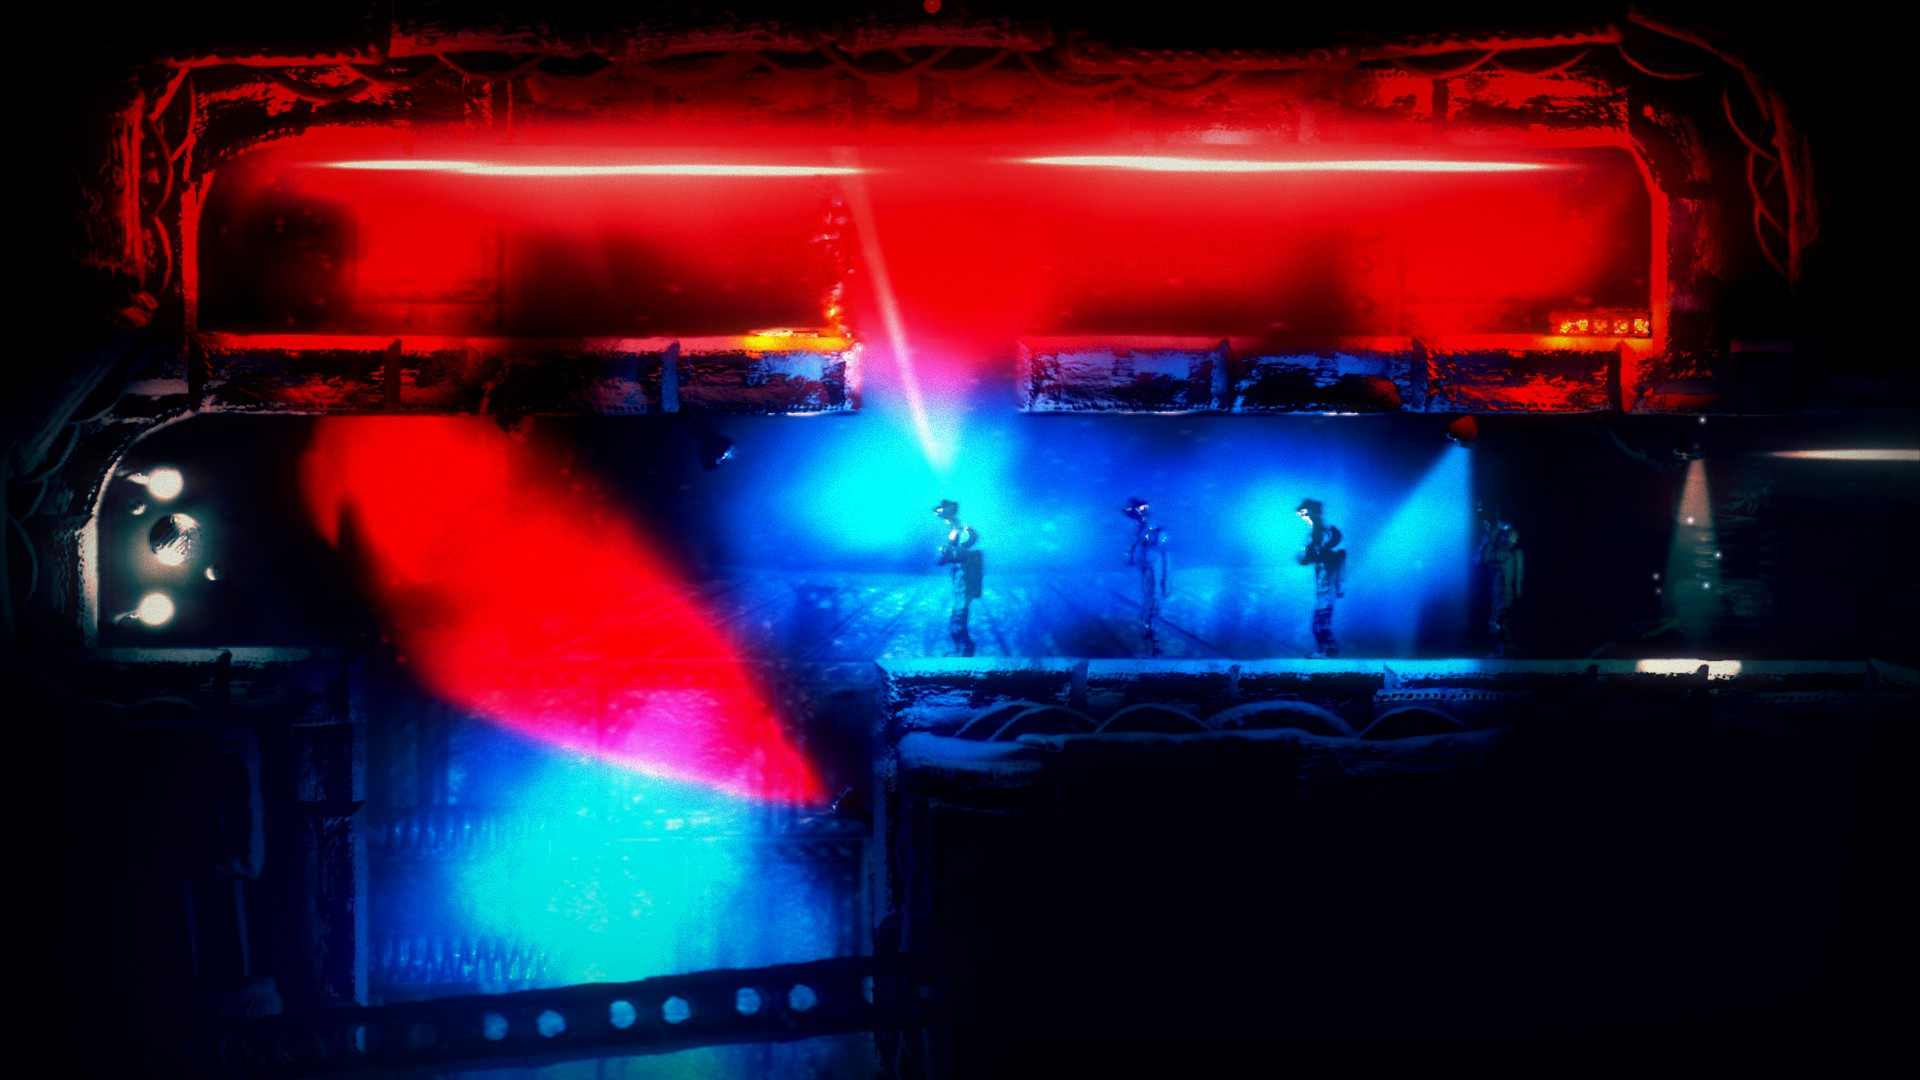 Las luces rojas, azules y púrpuras nos complicarán mucho el avance